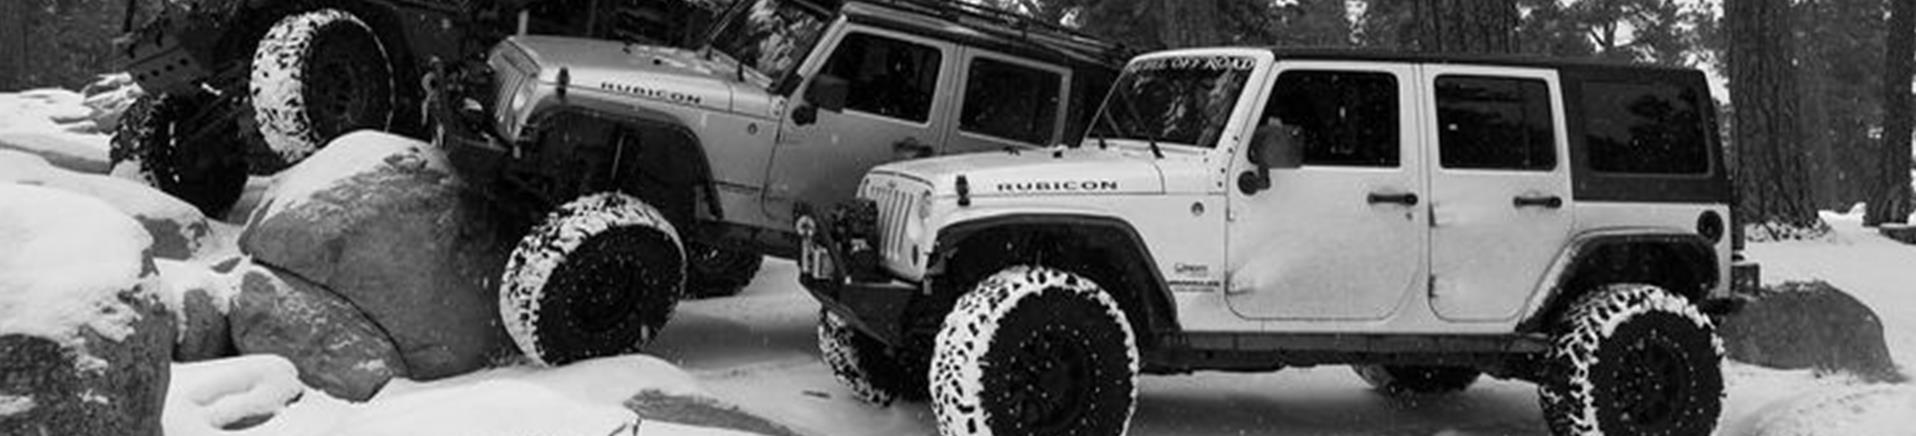 suche jeep wrangler zu kaufen